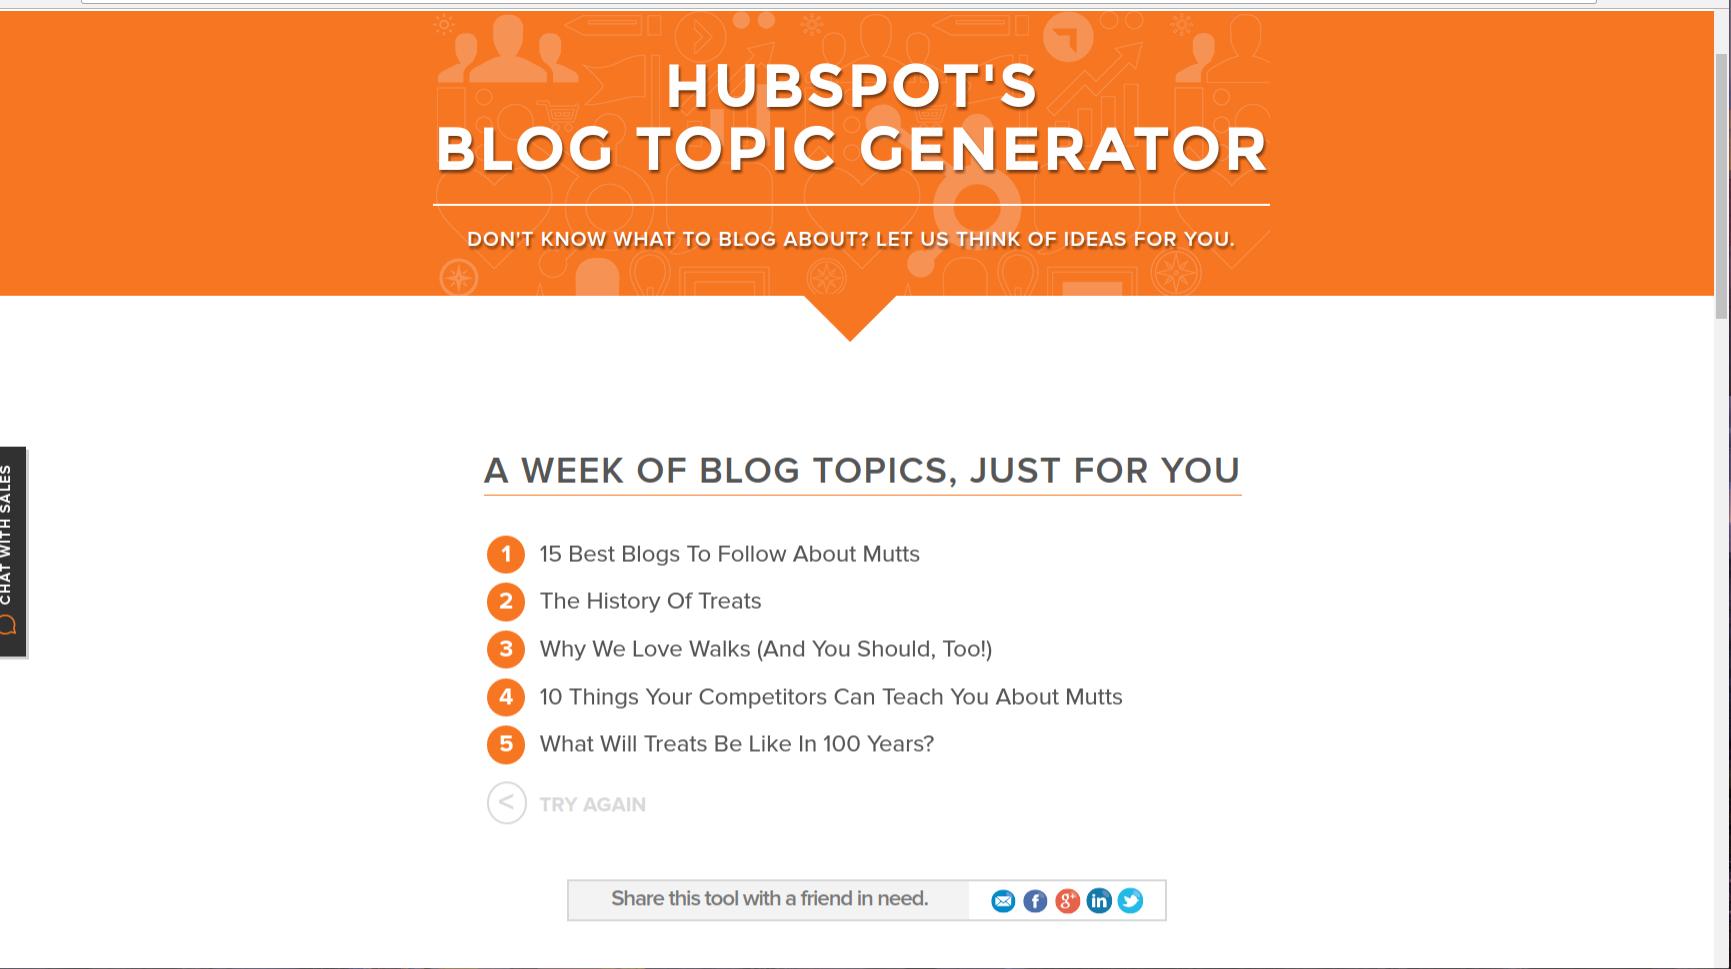 Hubspot's-blog-topic-generator-tool-a-week-of-blog-topics.png